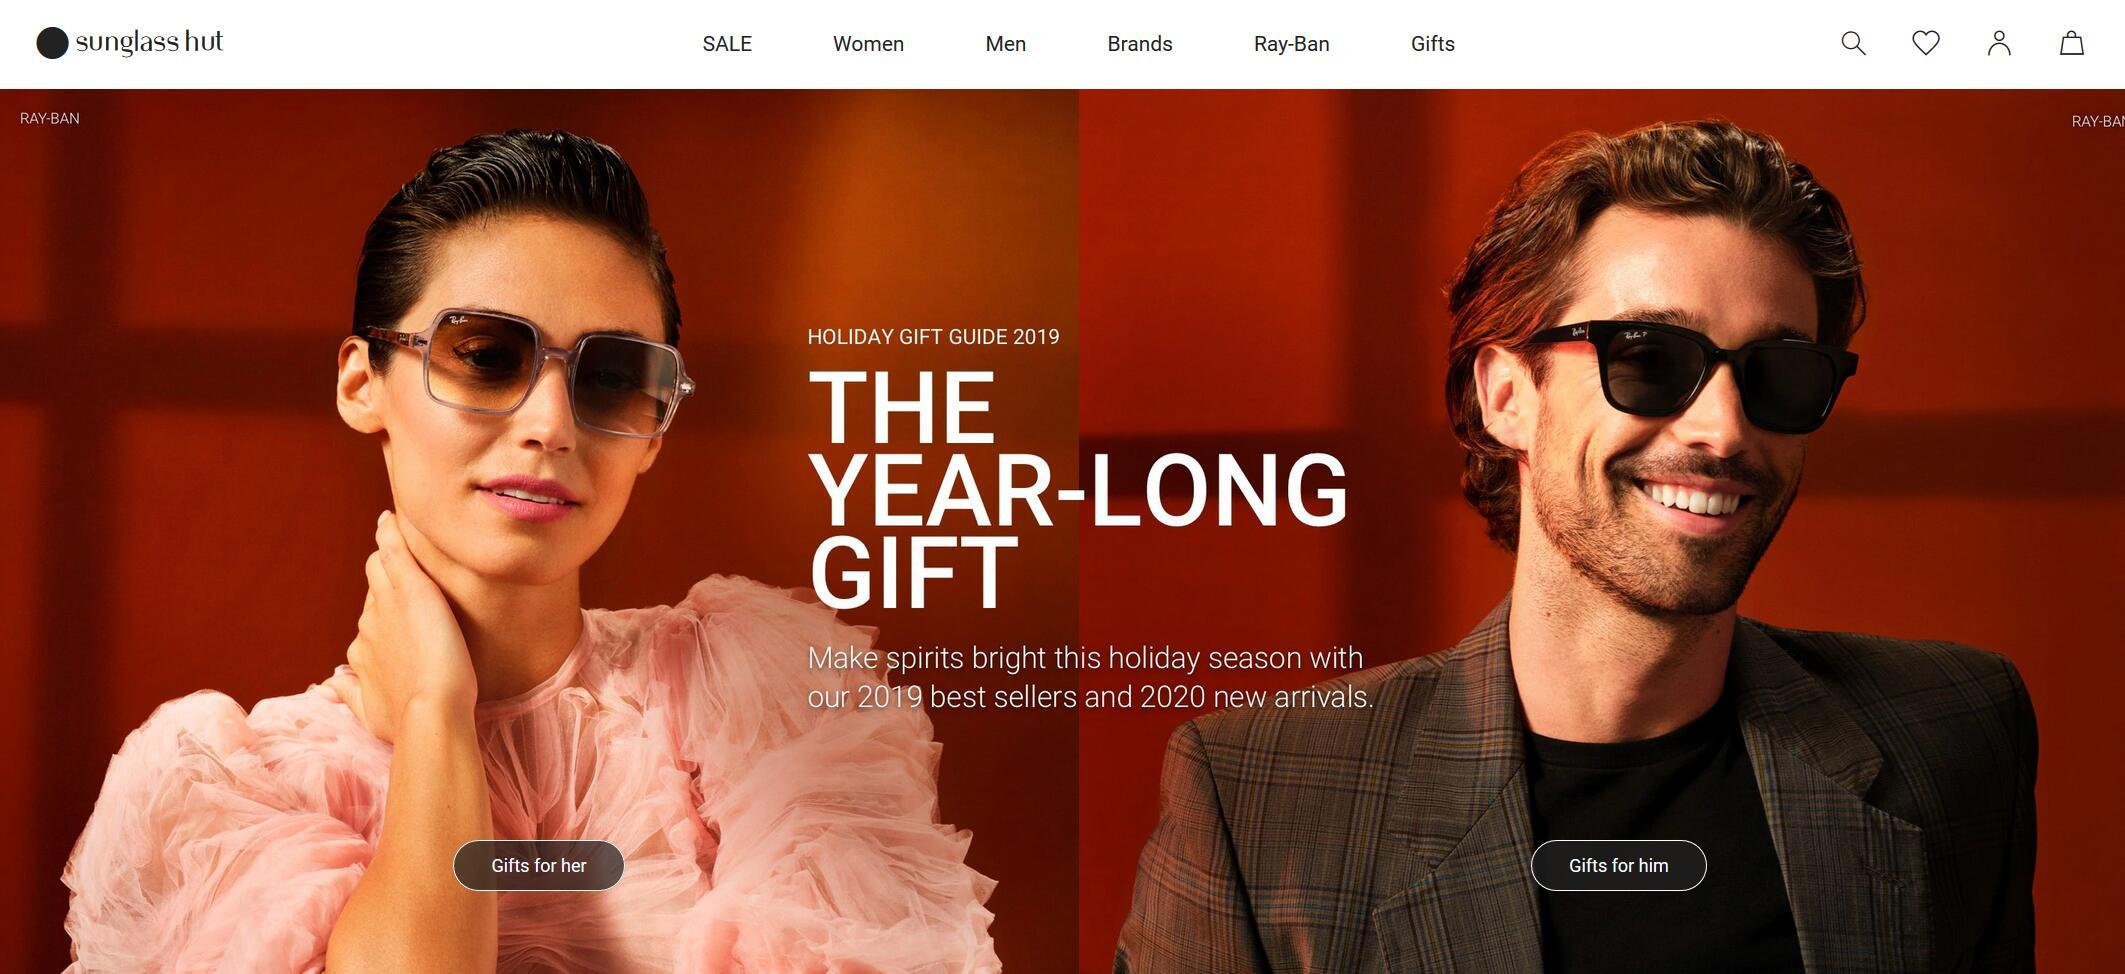 破产清算的法国针织时尚品牌 Sonia Rykiel 被法国时尚电商 ShowroomPrivé 创始人兄弟收购